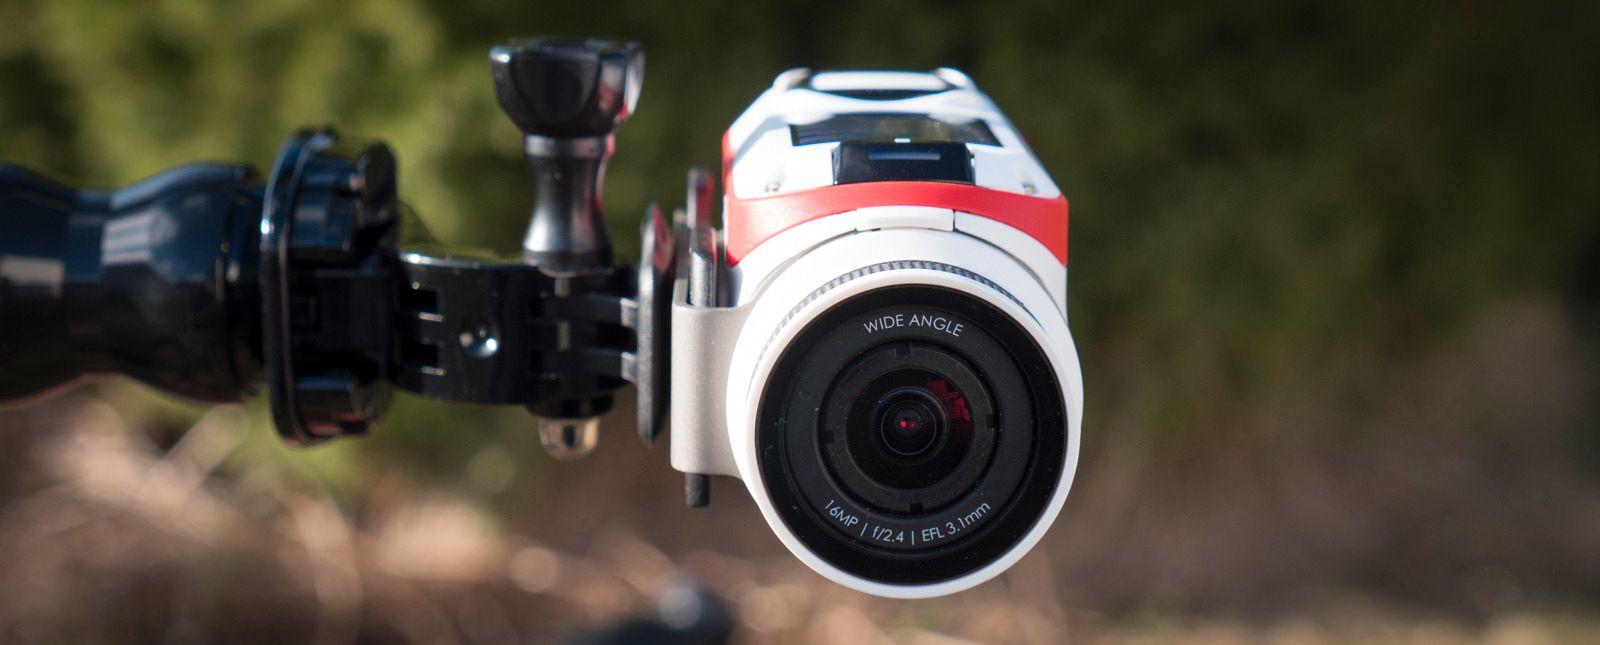 Kameraplaten kan dreies rundtselve kameraet, slik at det er enkelt å for eksempel montere det sidelengs.